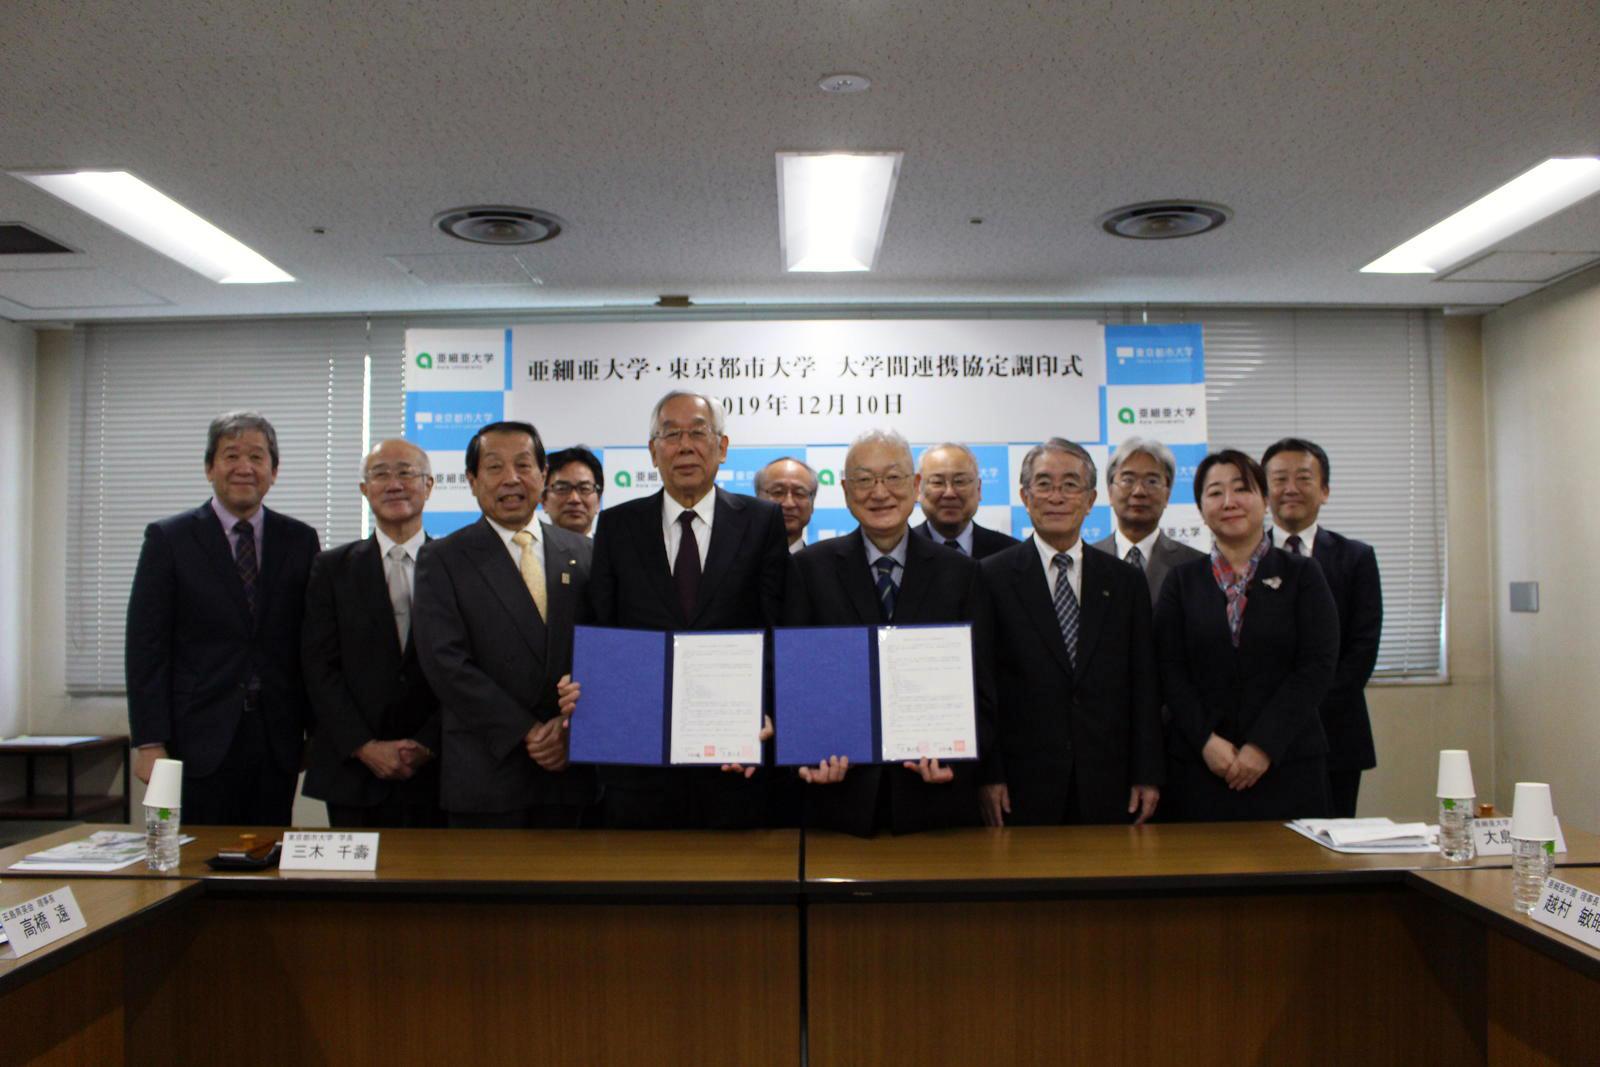 亜細亜大学と東京都市大学が連携協定を締結 ~ 教育や研究、社会貢献活動などで協力